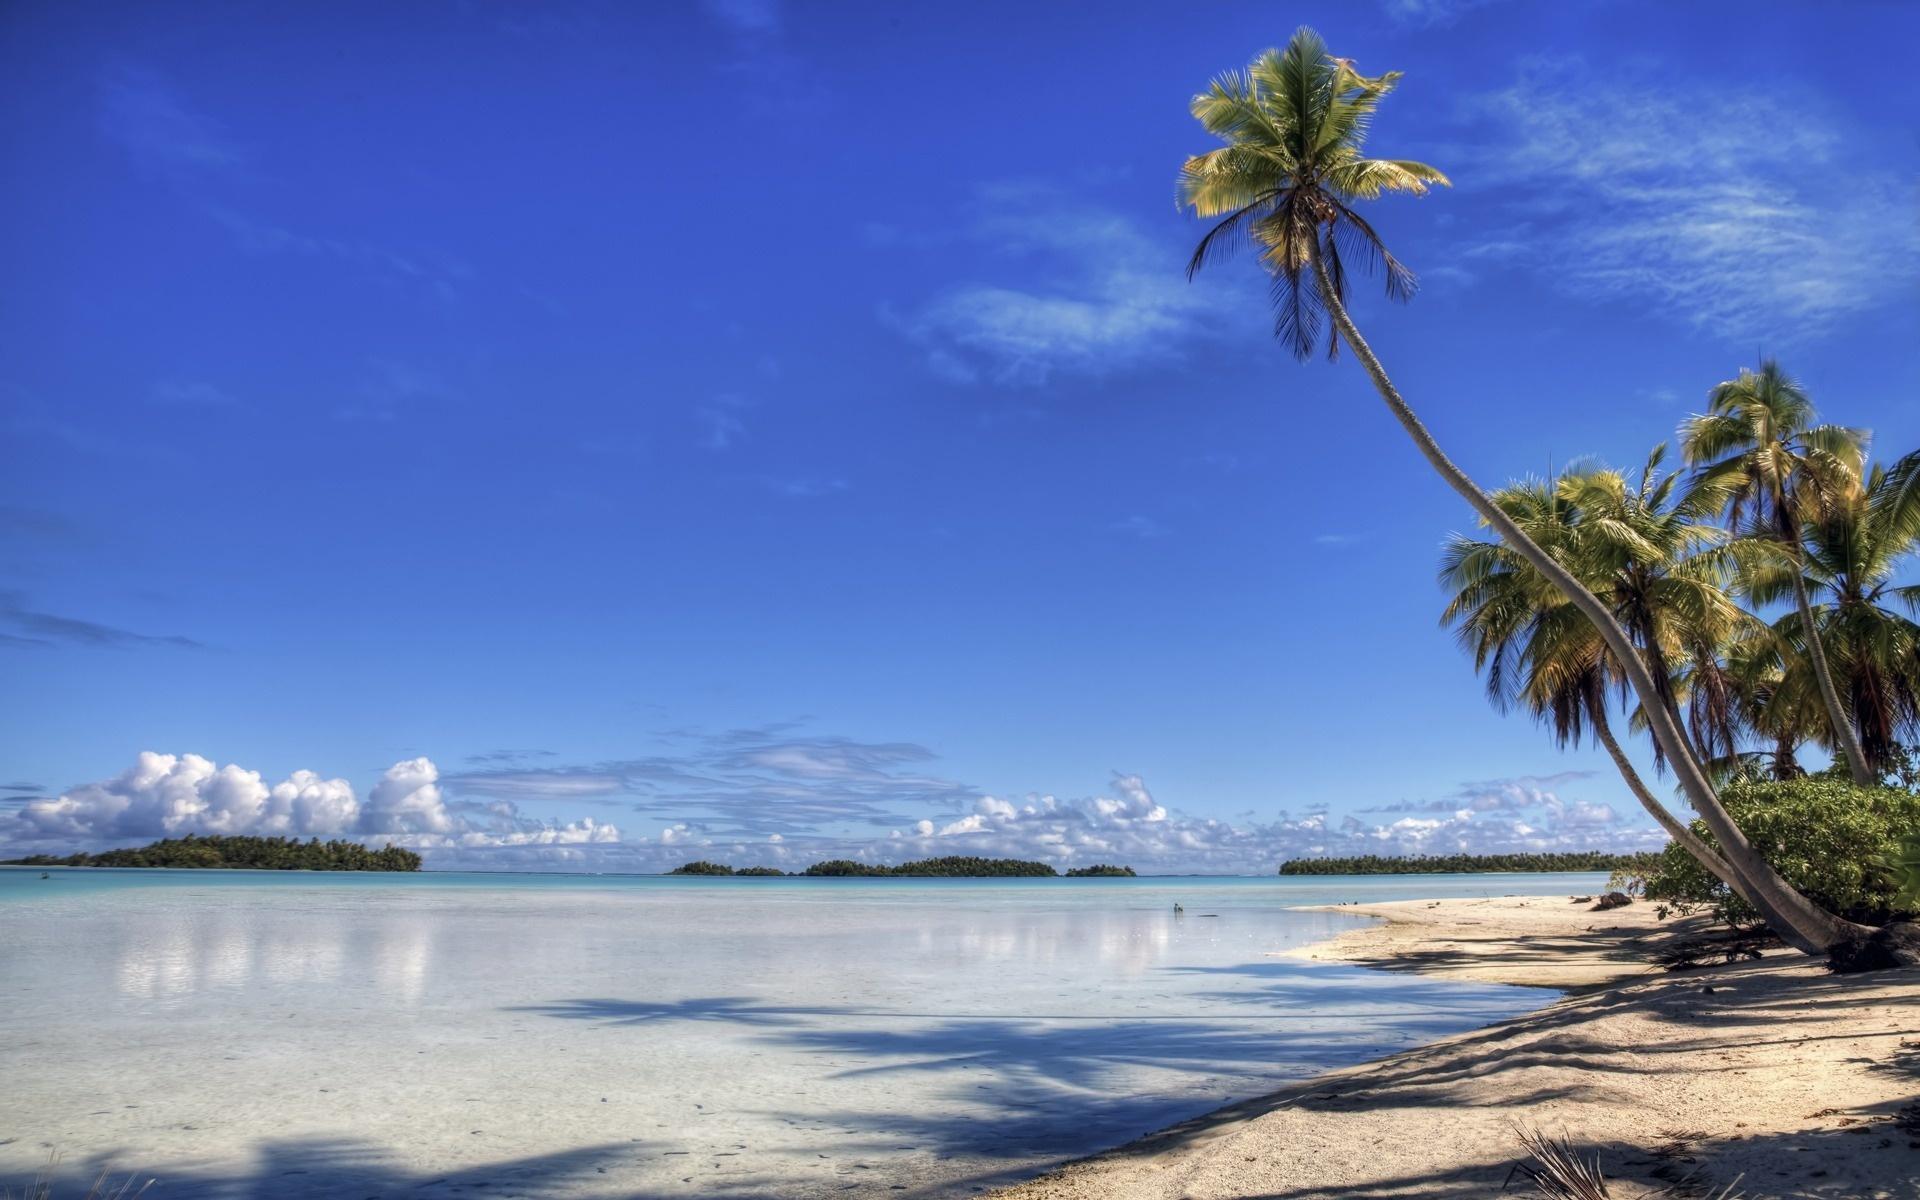 Море небо берег пальмы пляж остров